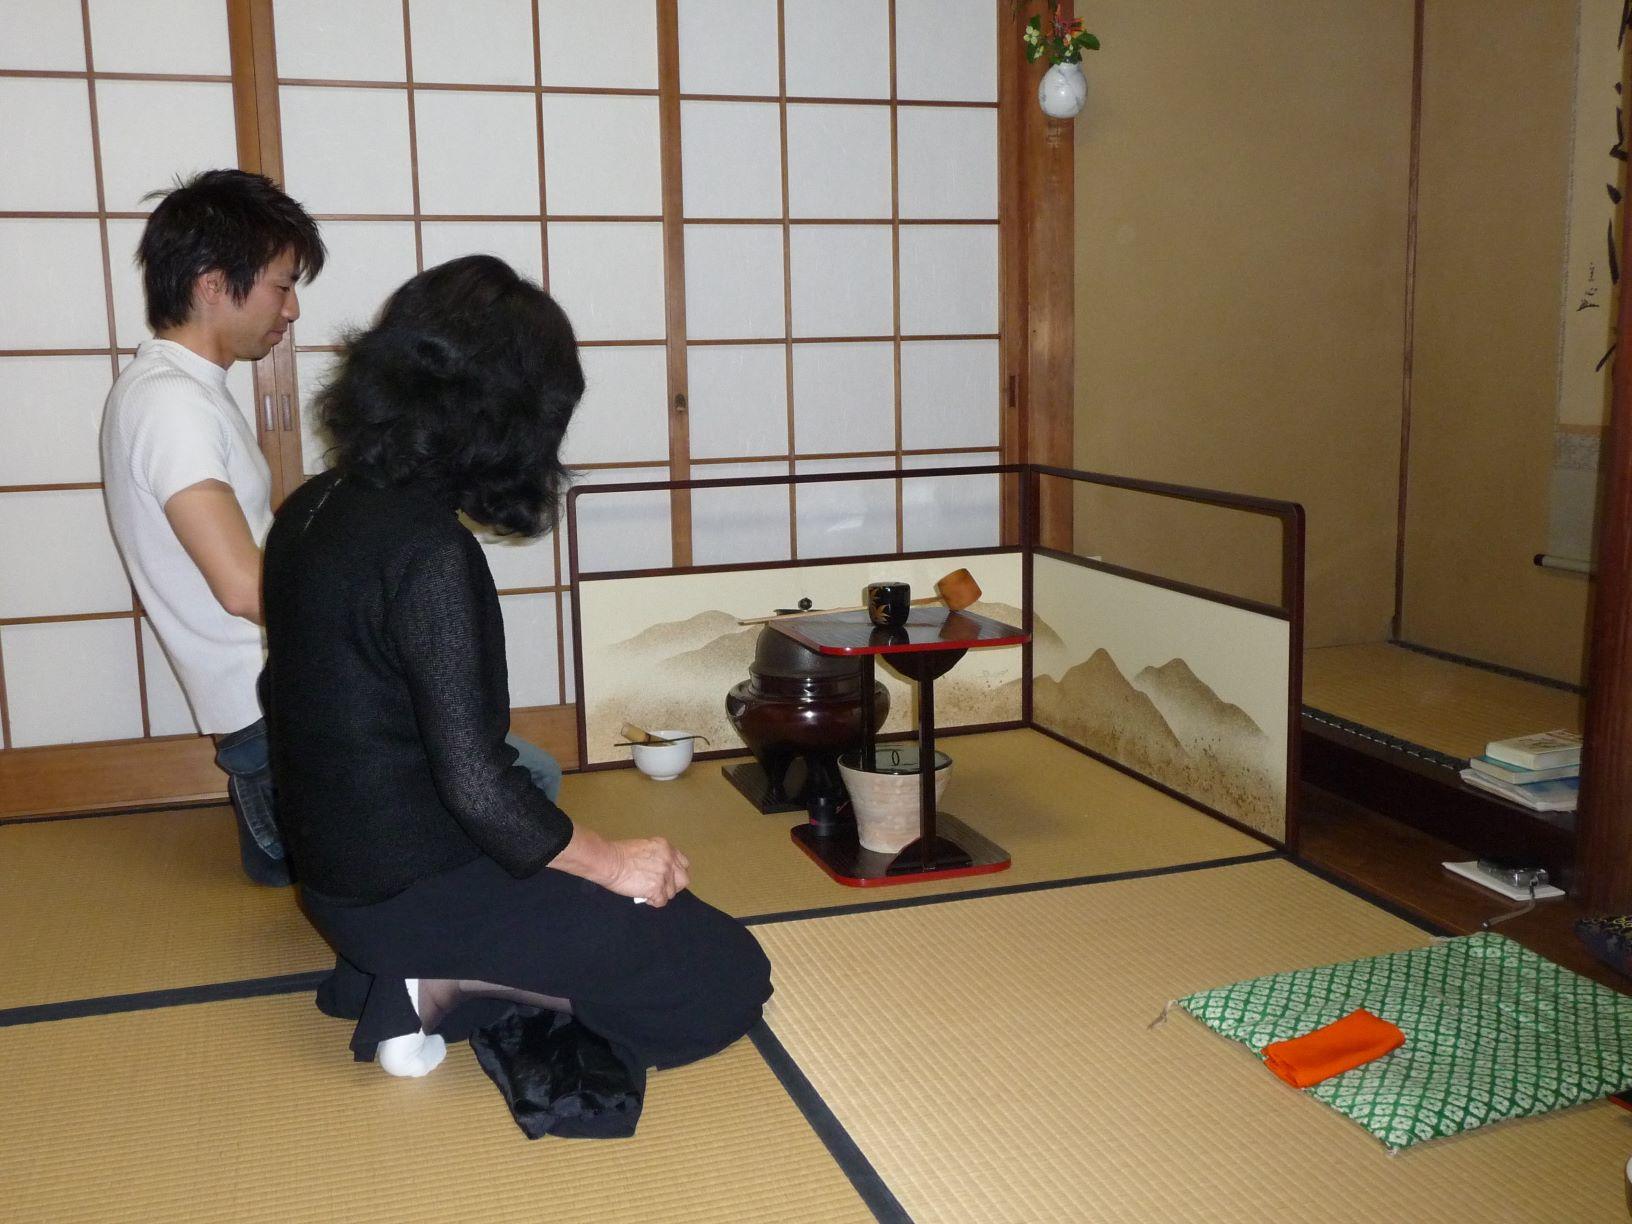 Cérémonie du thé au Japon: le maître du thé et l'élève